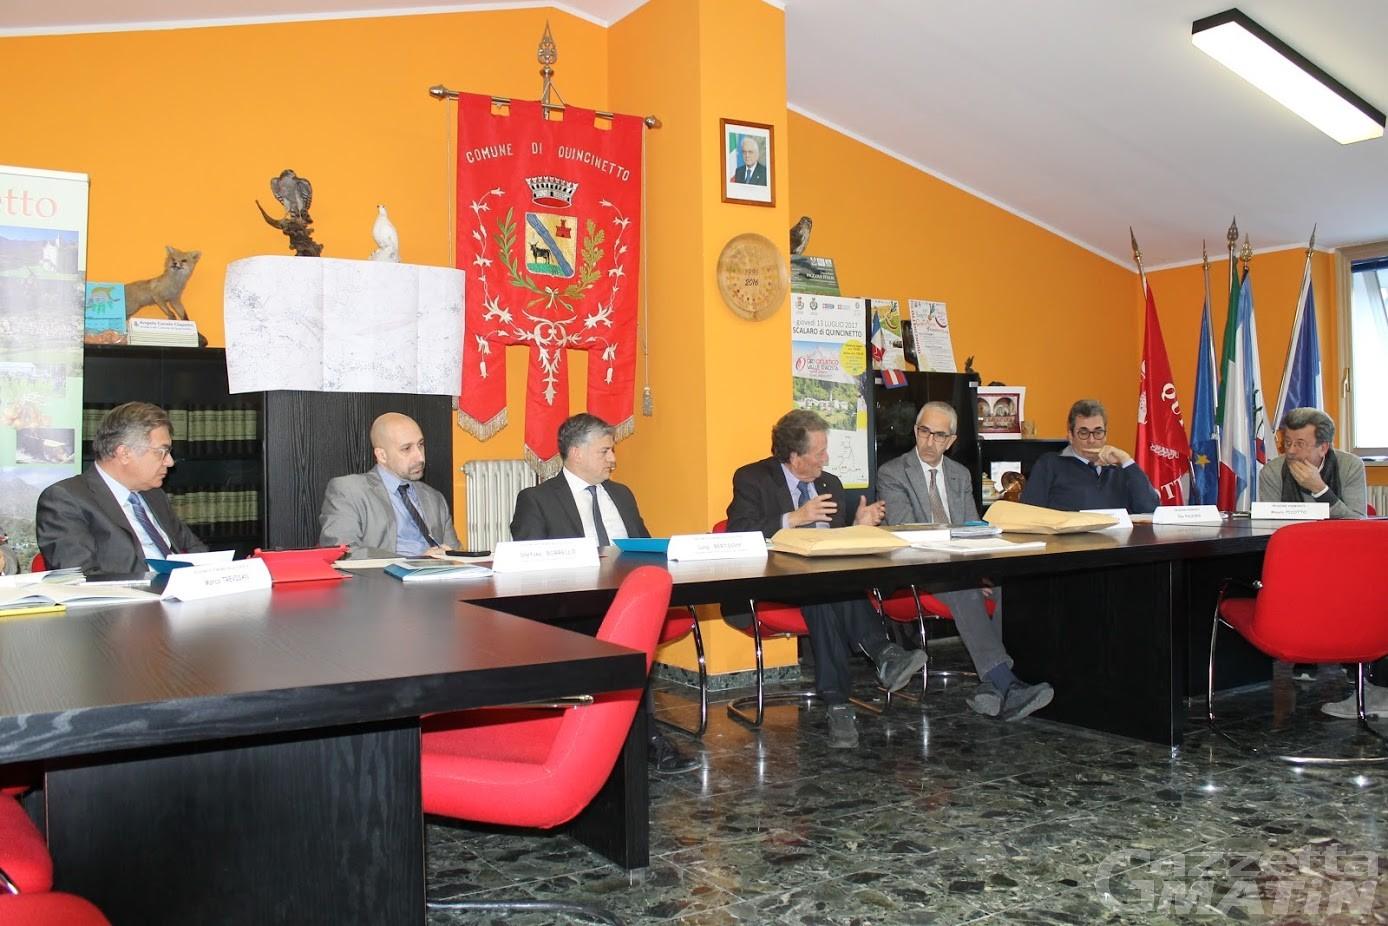 Regione VdA rilancia la cooperazione tra Bassa Valle e Canavese